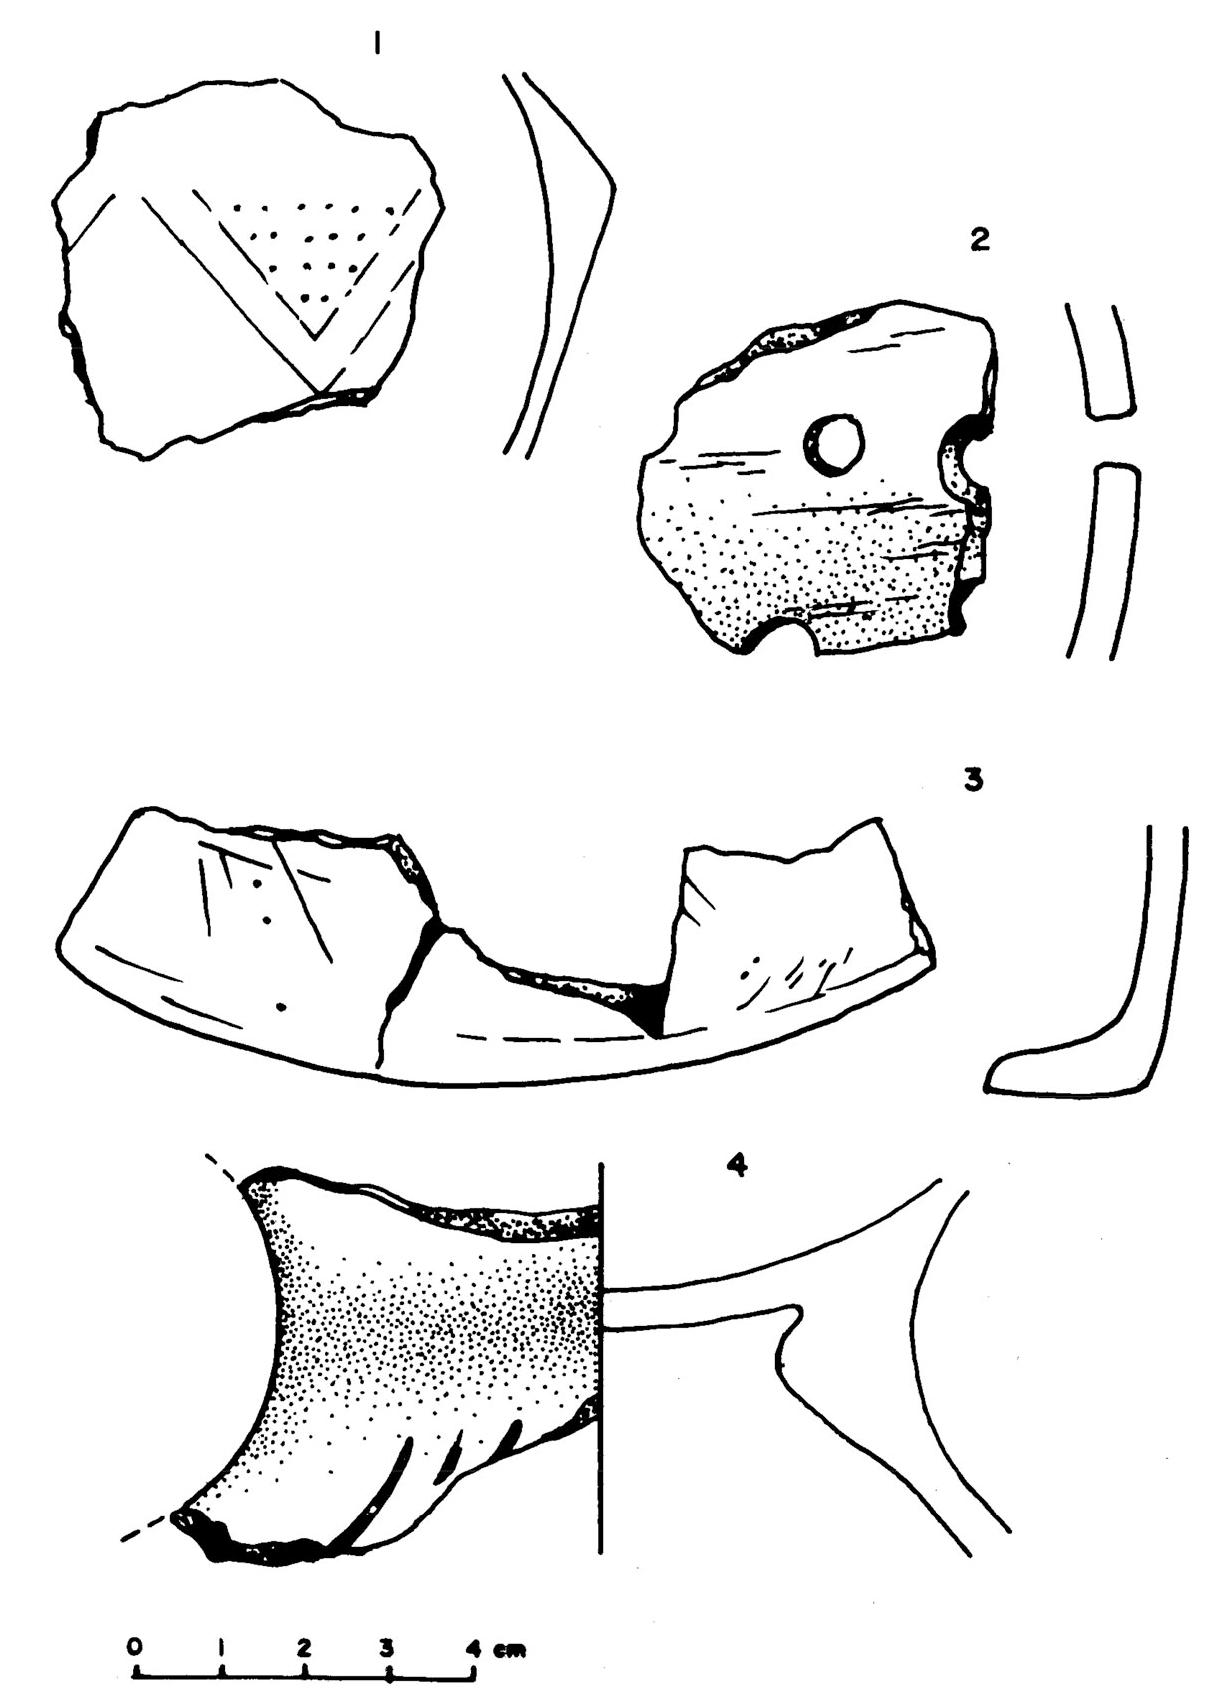 Vörös mázas neolitikus edények töredékei